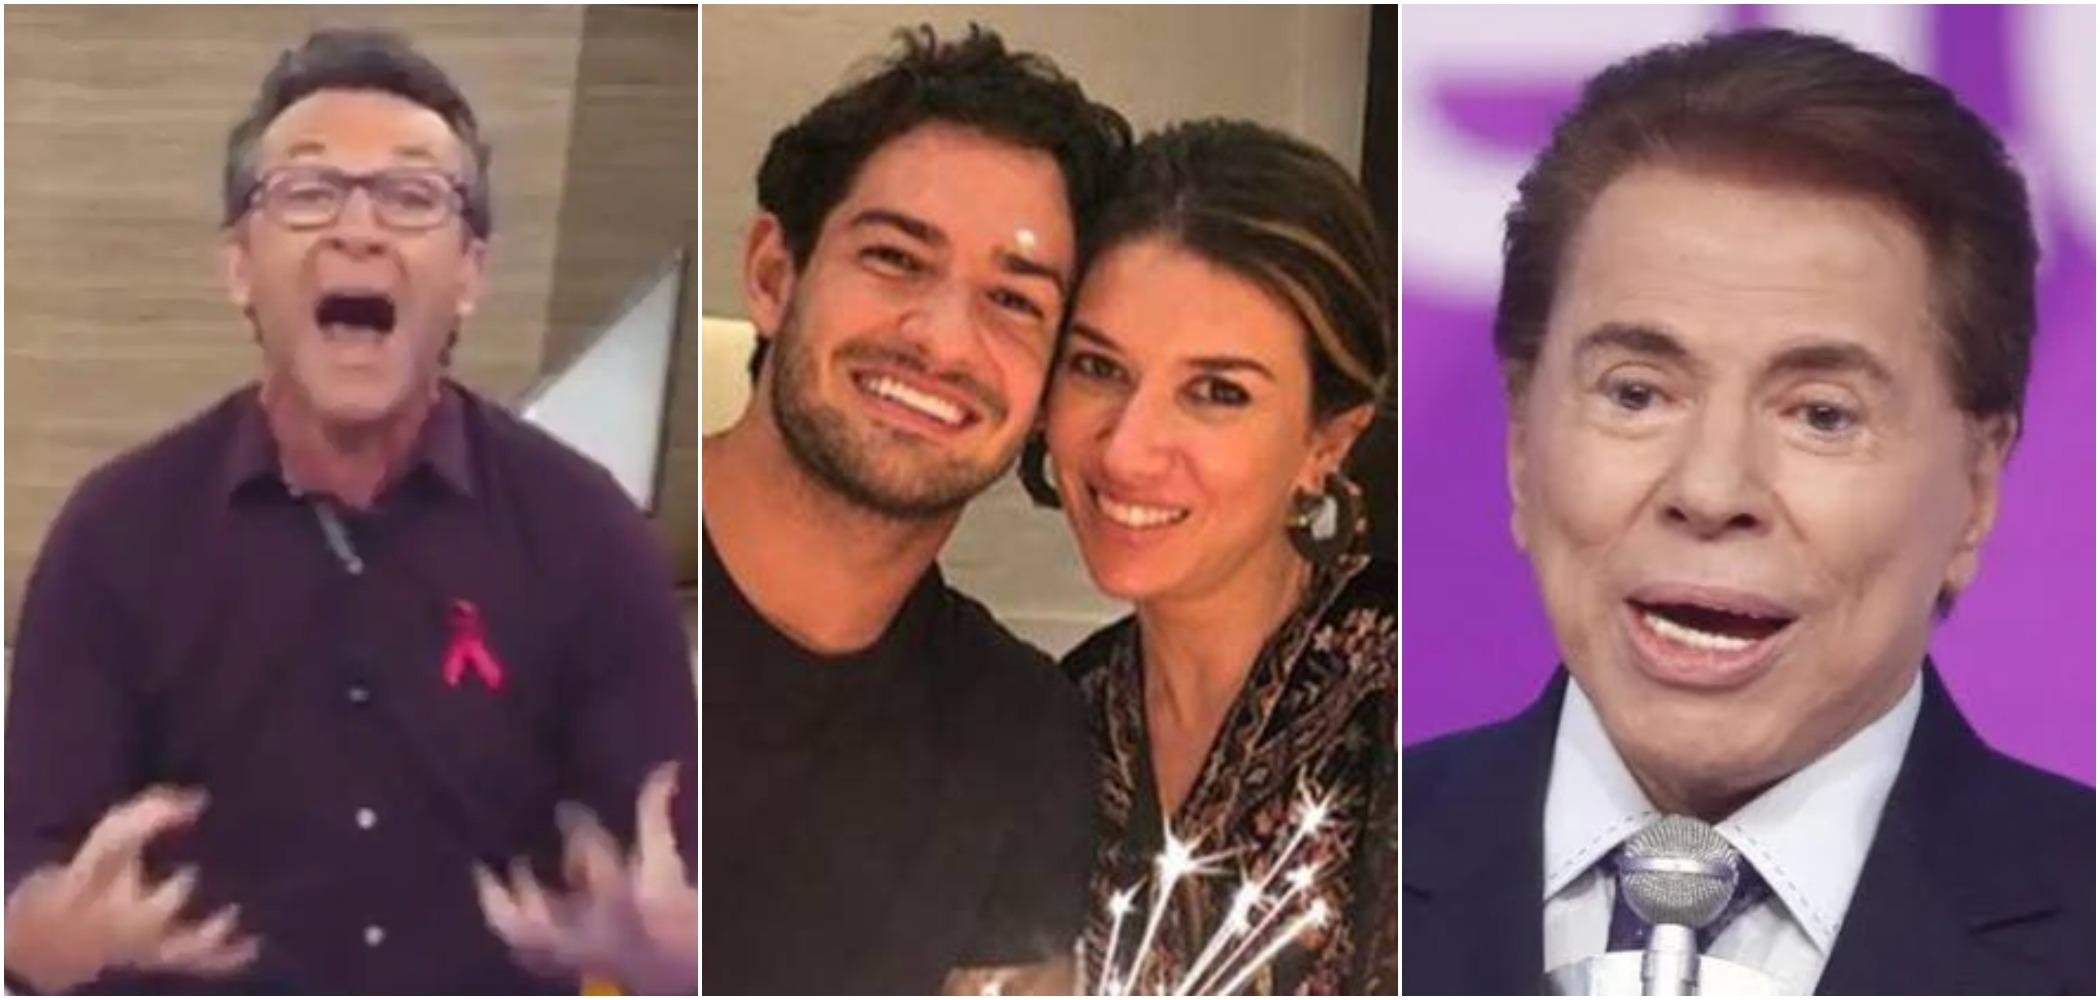 Neto criticou Pato e mando-o trabalhar com o sogro, Silvio Santos, pai de Rebeca Abravanel (Reprodução)